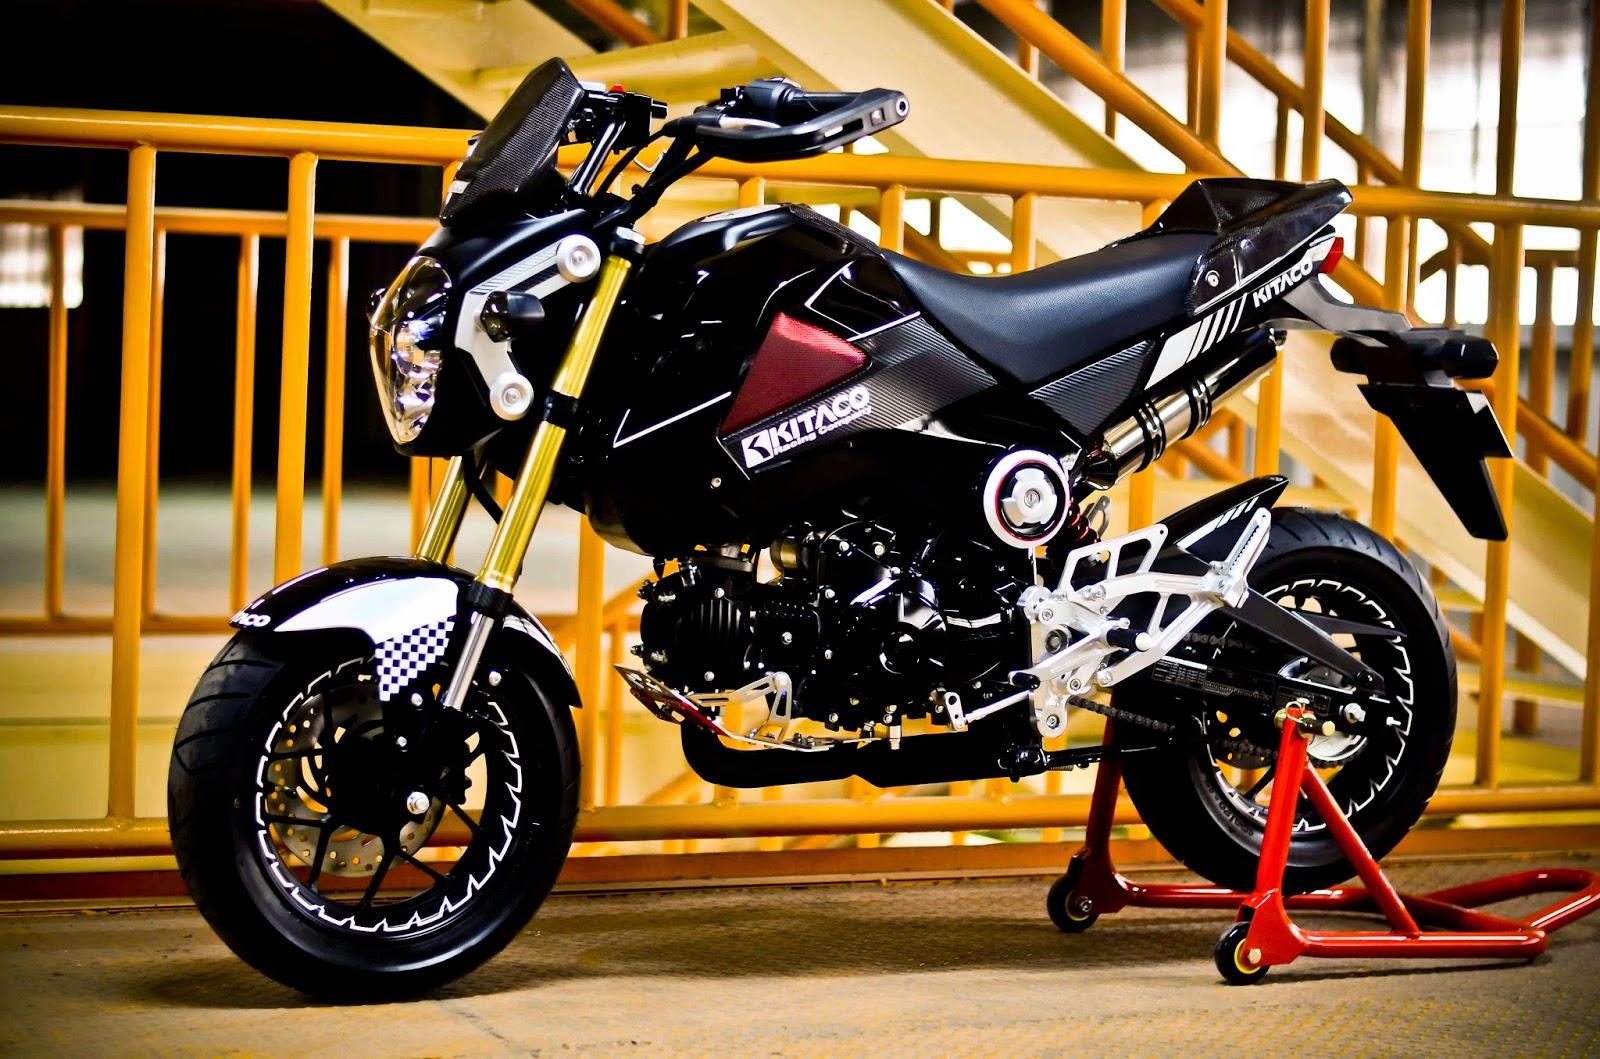 Honda MSX 125 Urban Monster